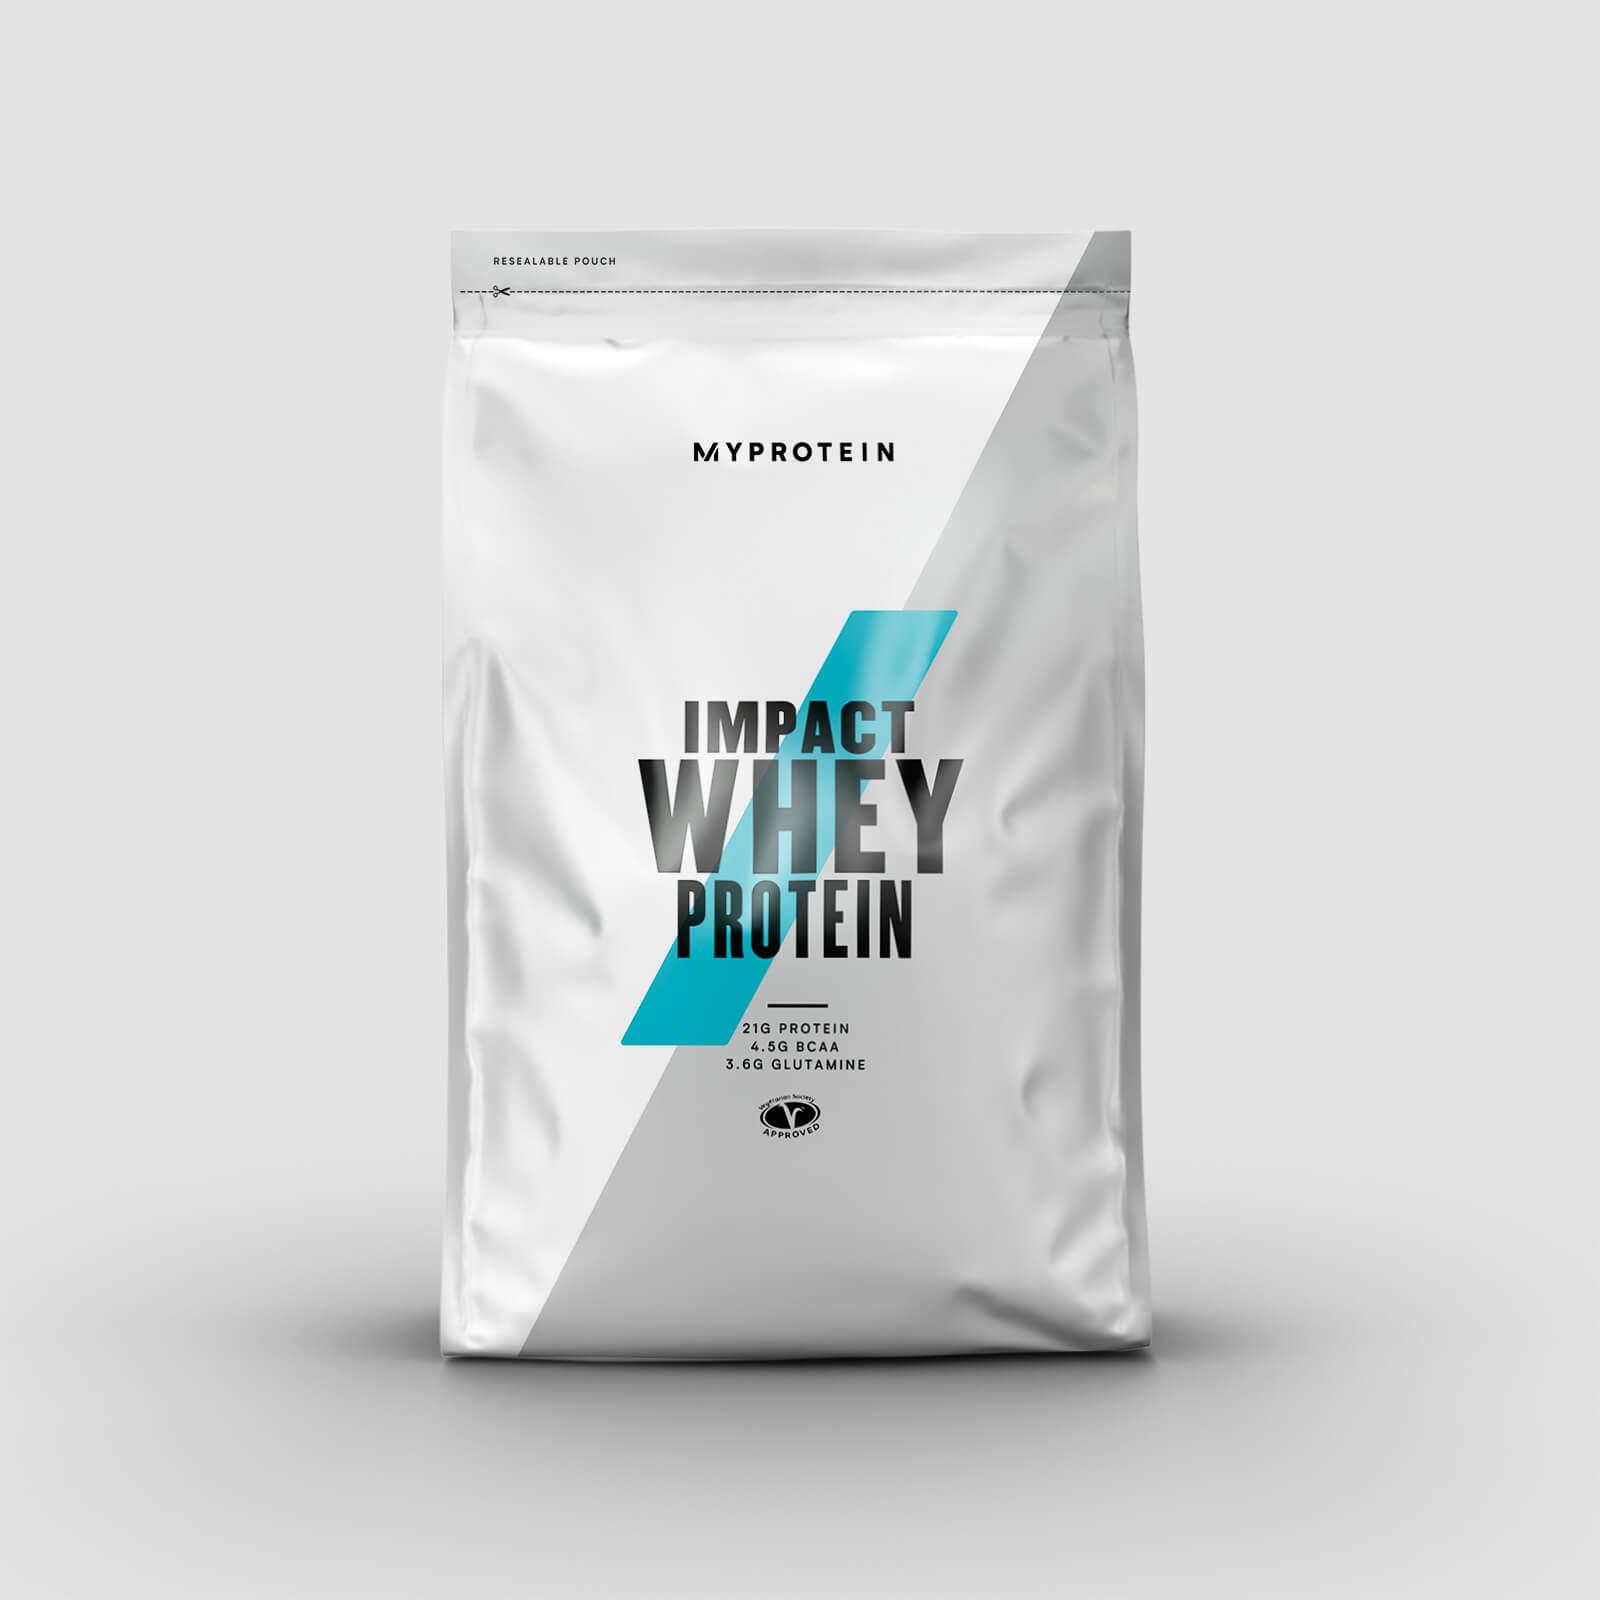 Myprotein Impact Whey Protein - 1kg - Dark Chocolate & Salted Caramel